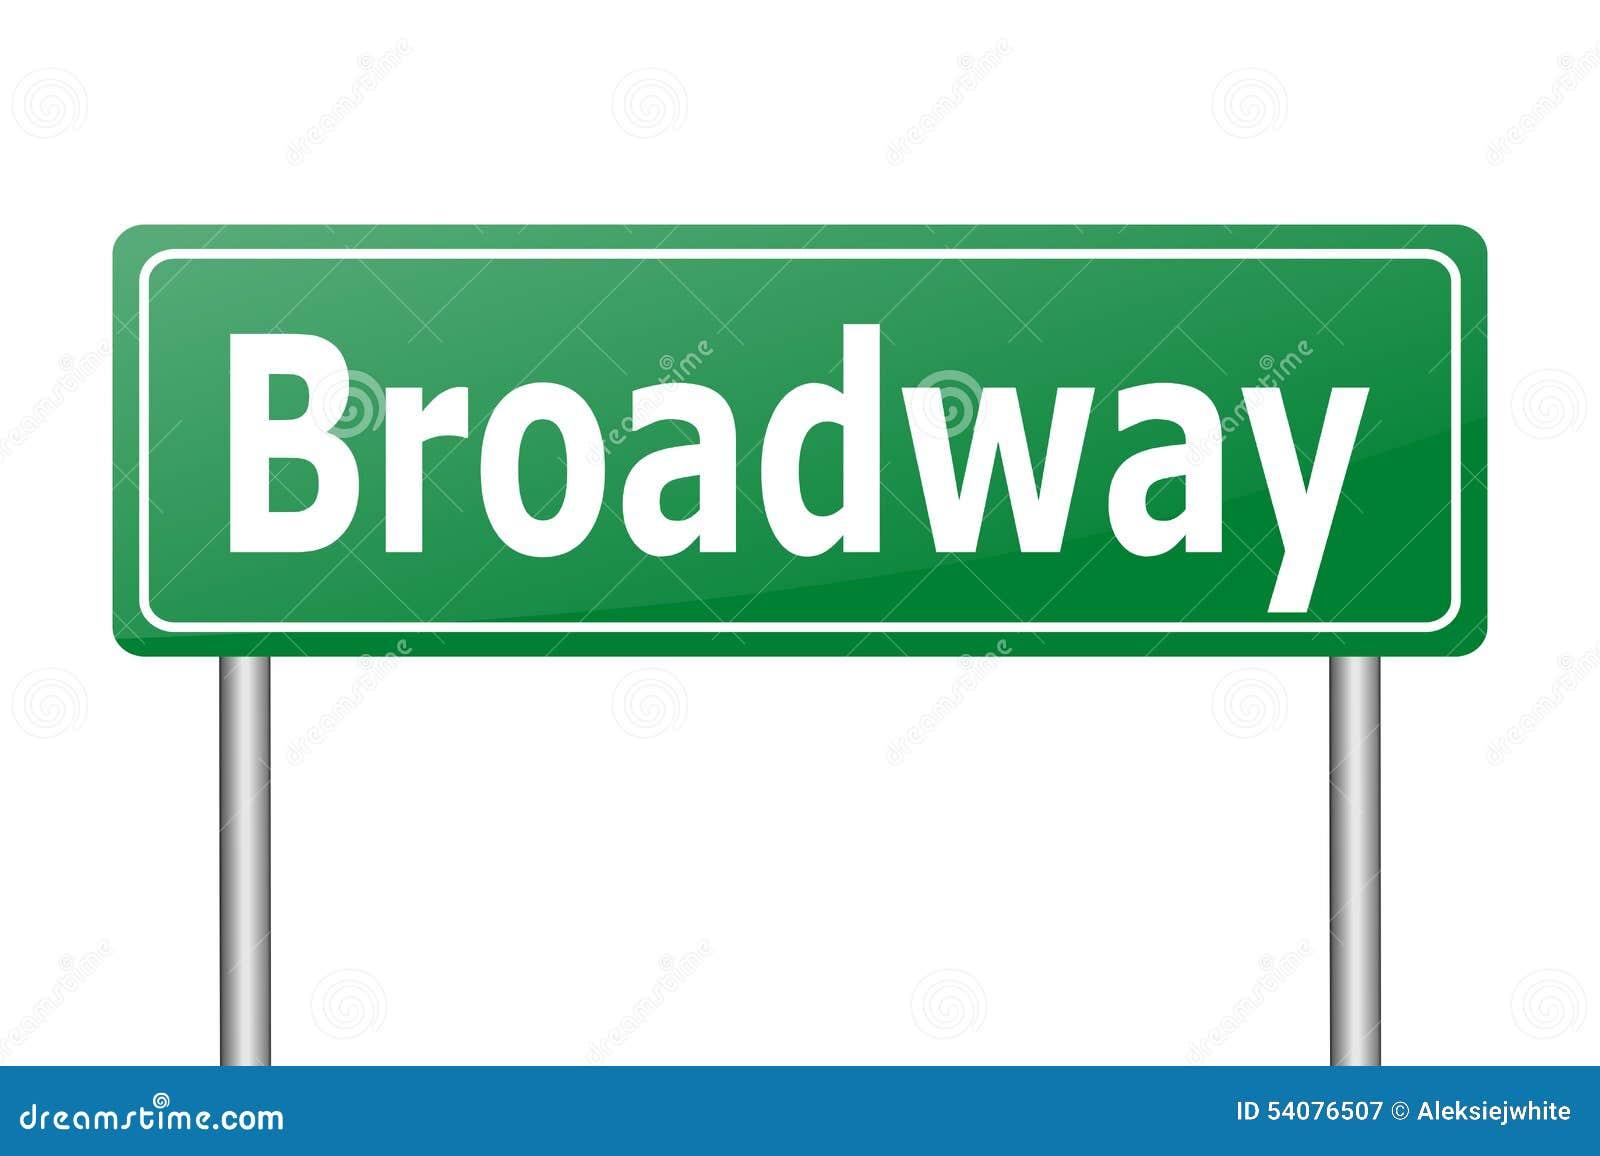 Broadwayverkeersteken